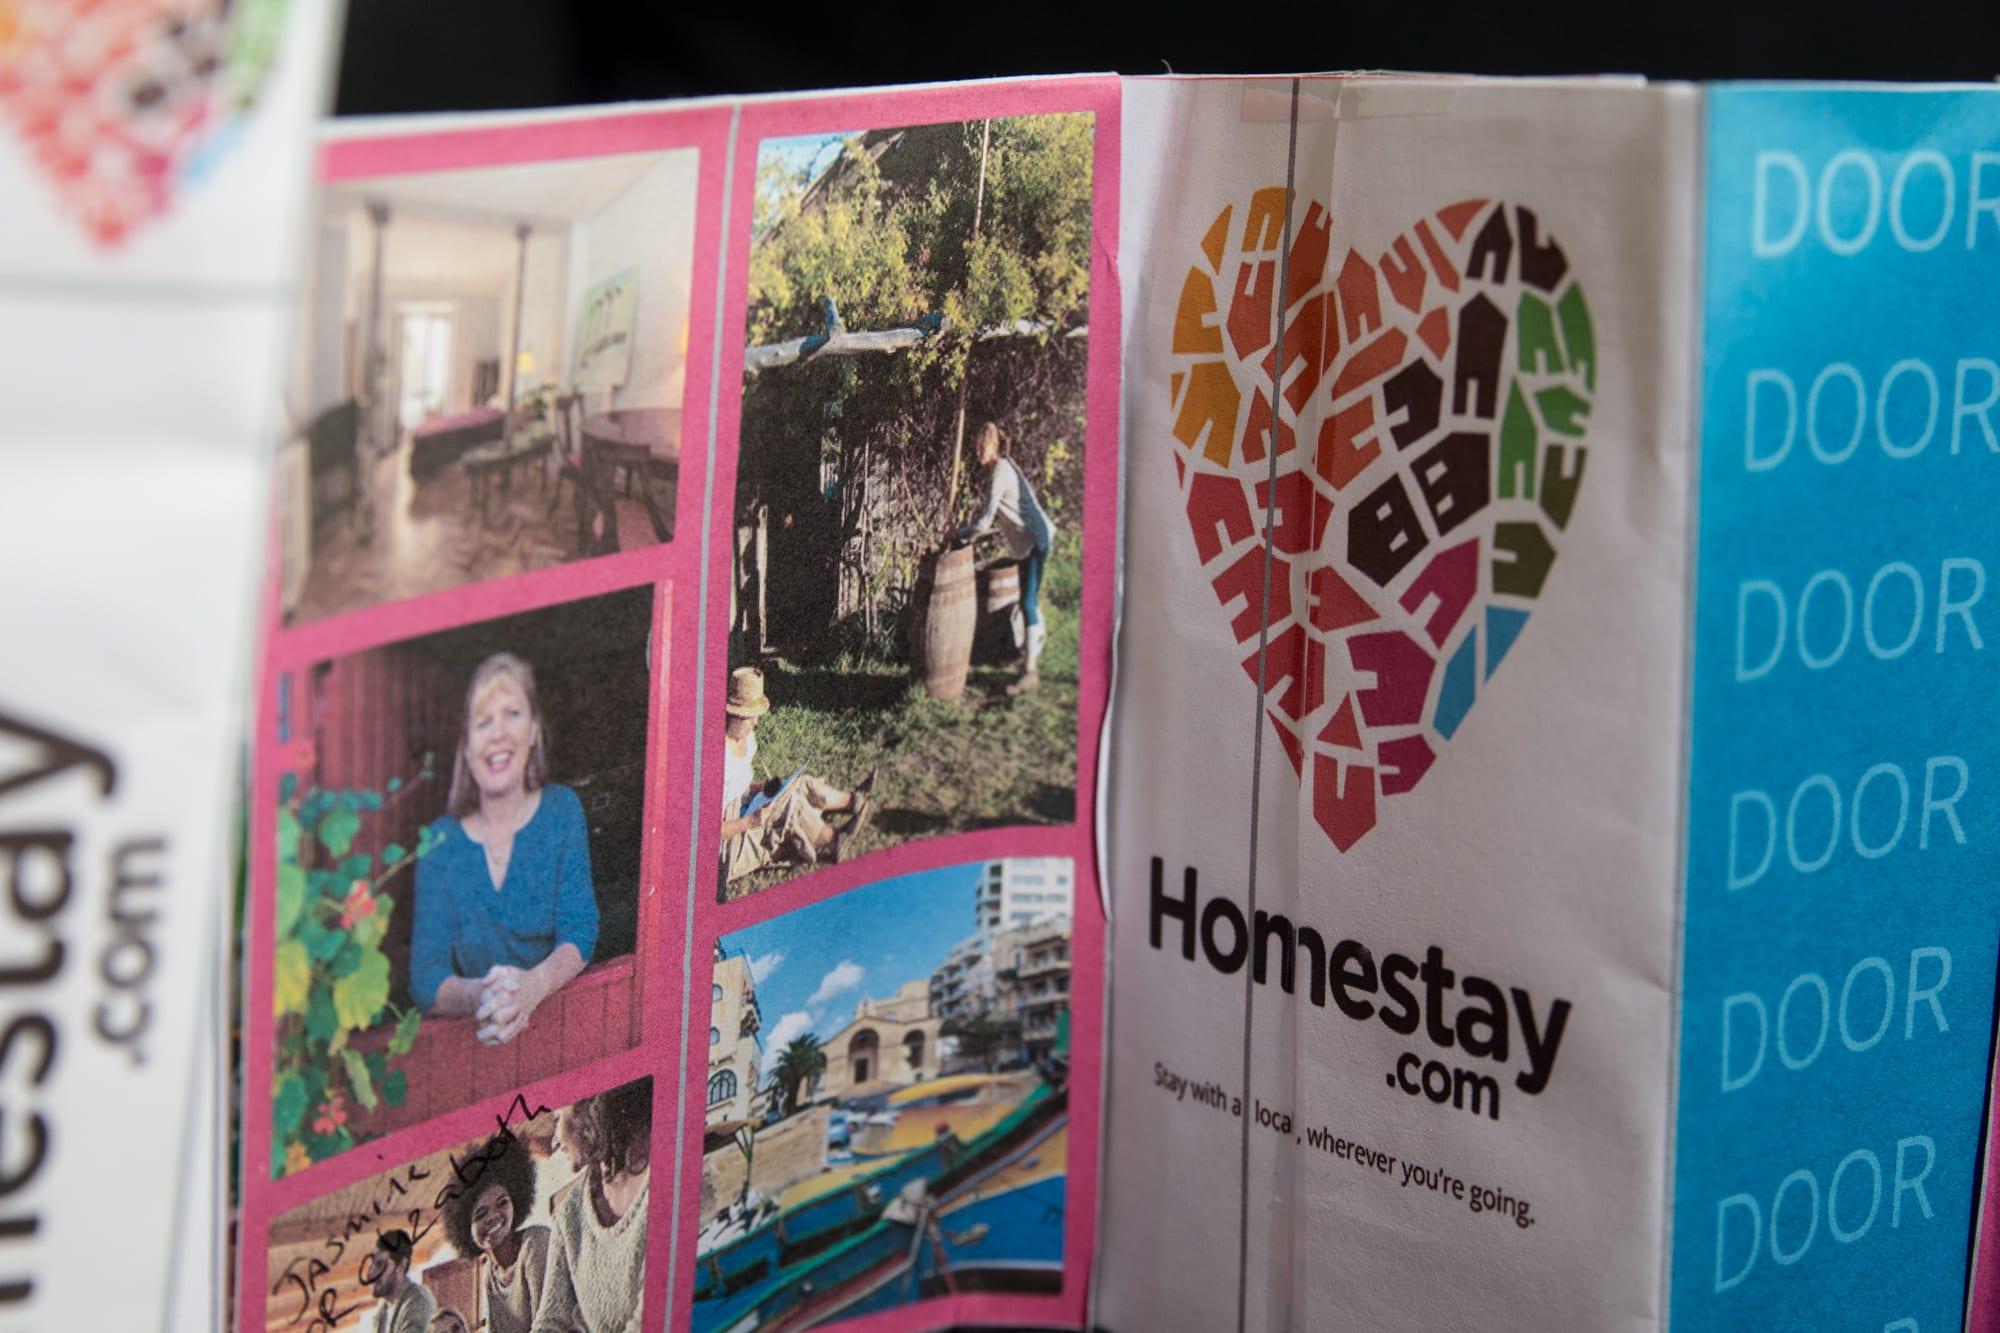 Homestay.com (10 of 13)